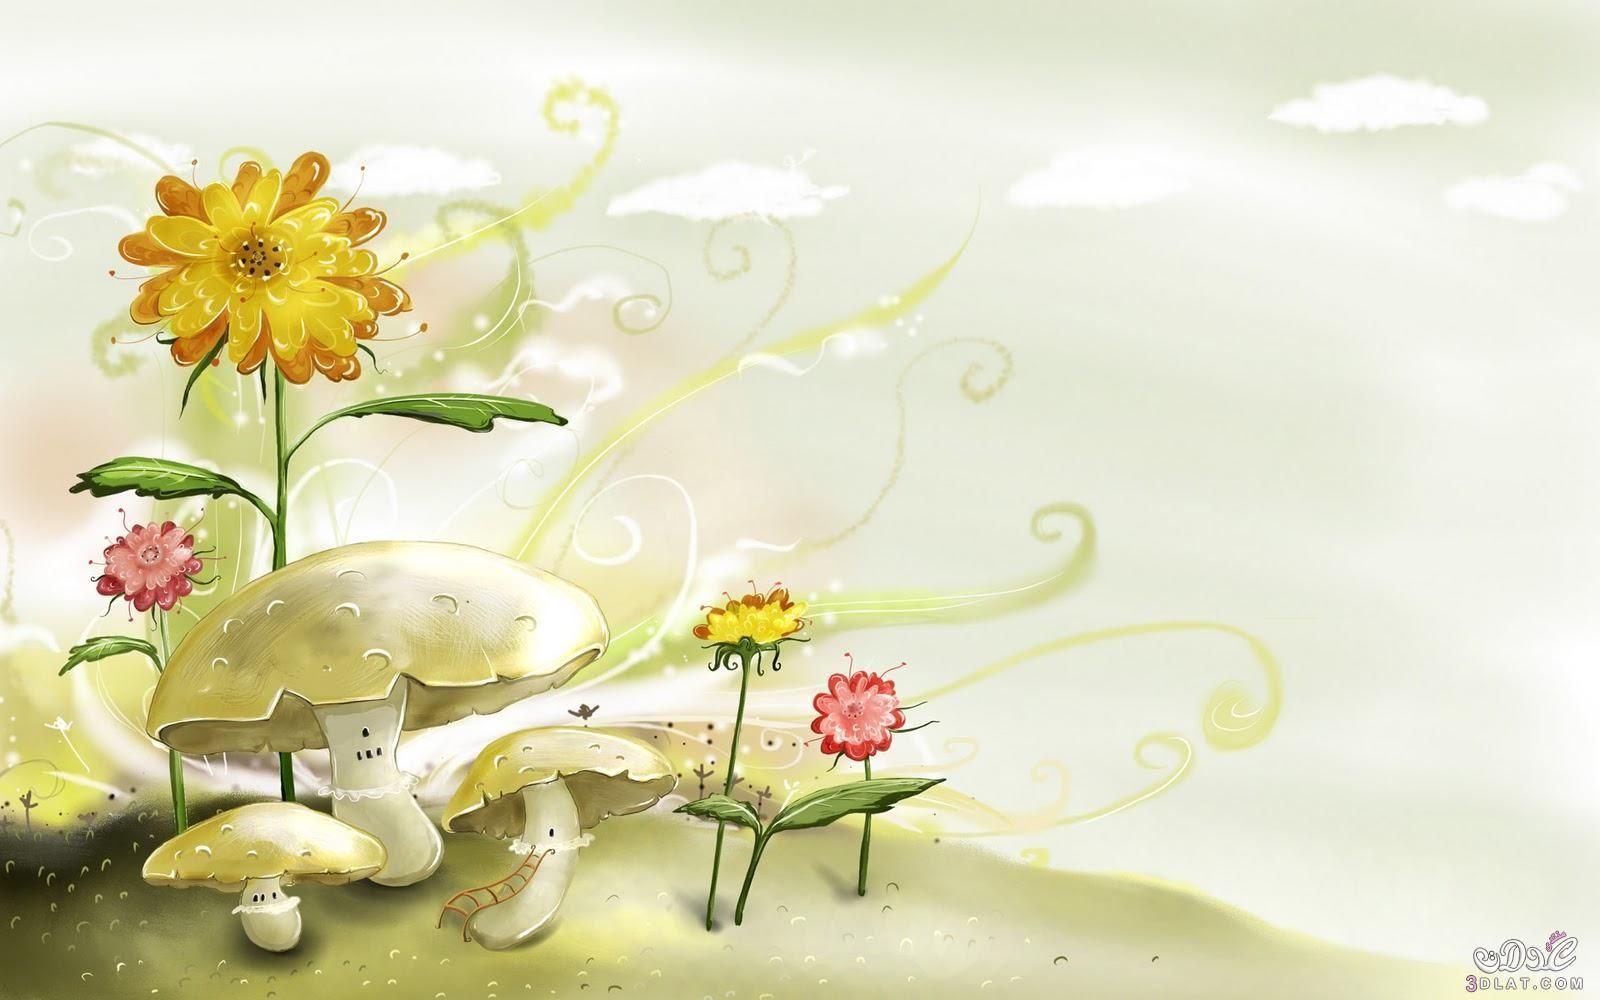 خلفيات مضيئة 2020 خلفيات زهور للتصميم والكتابه خامات ضوئية للفوتوشوب 3d Wallpaper Visual High Quality Wallpapers